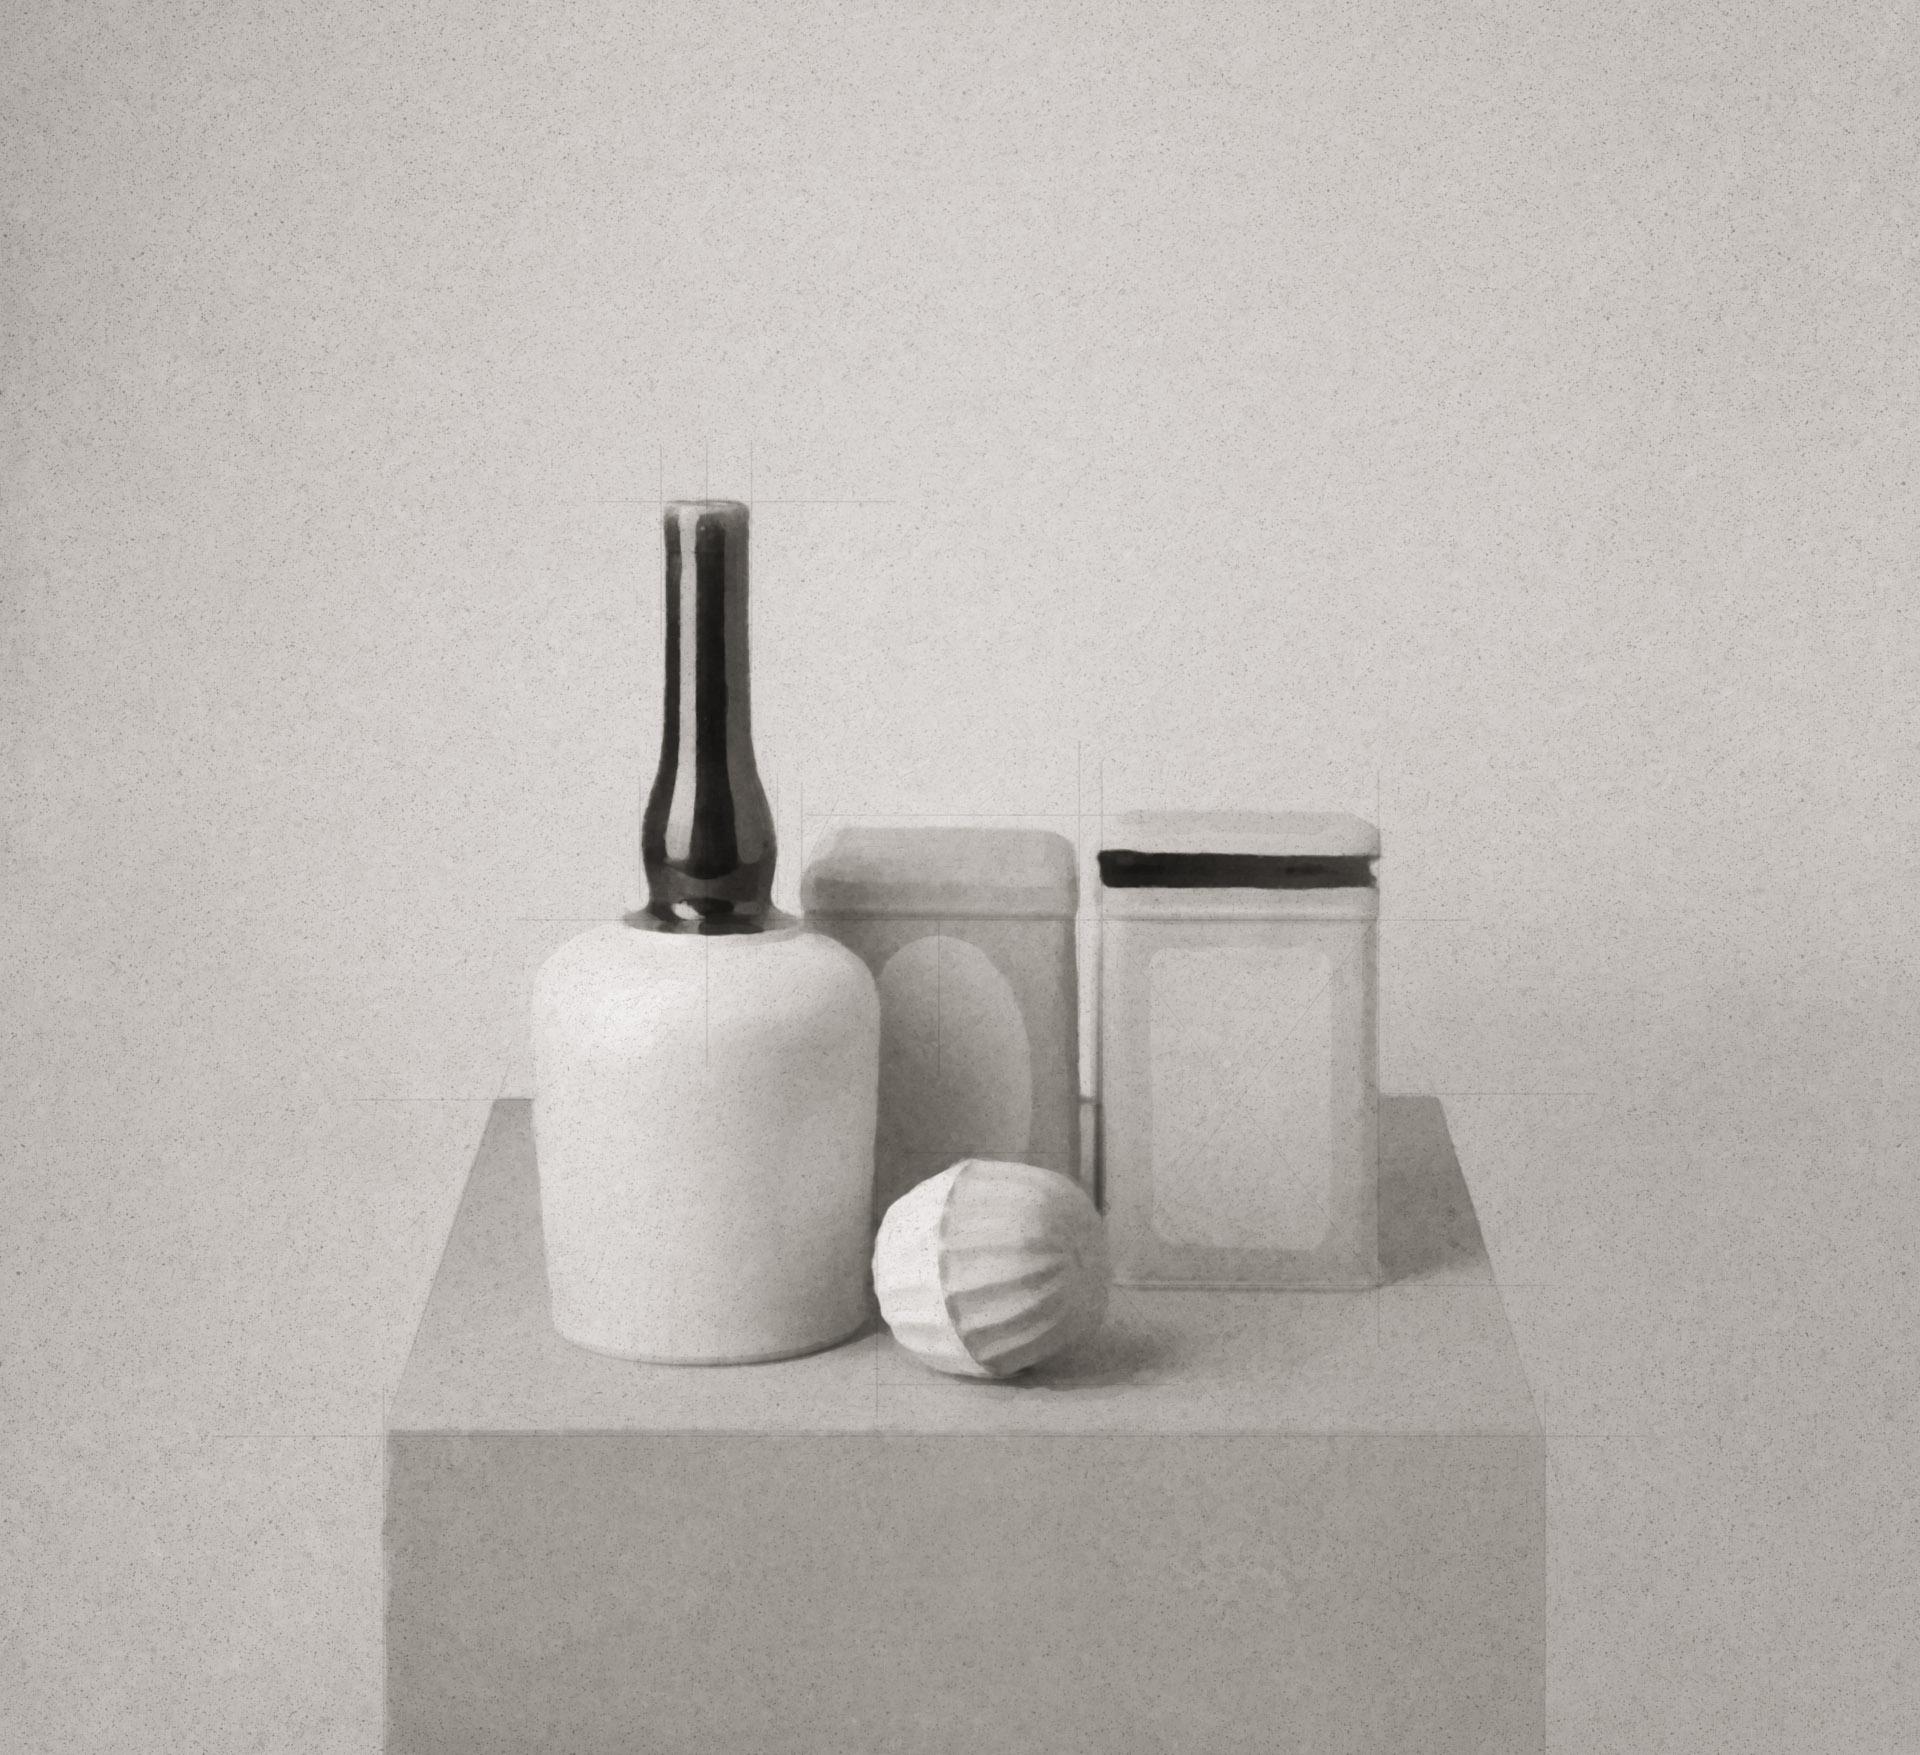 Morandi on a Pedestal 183